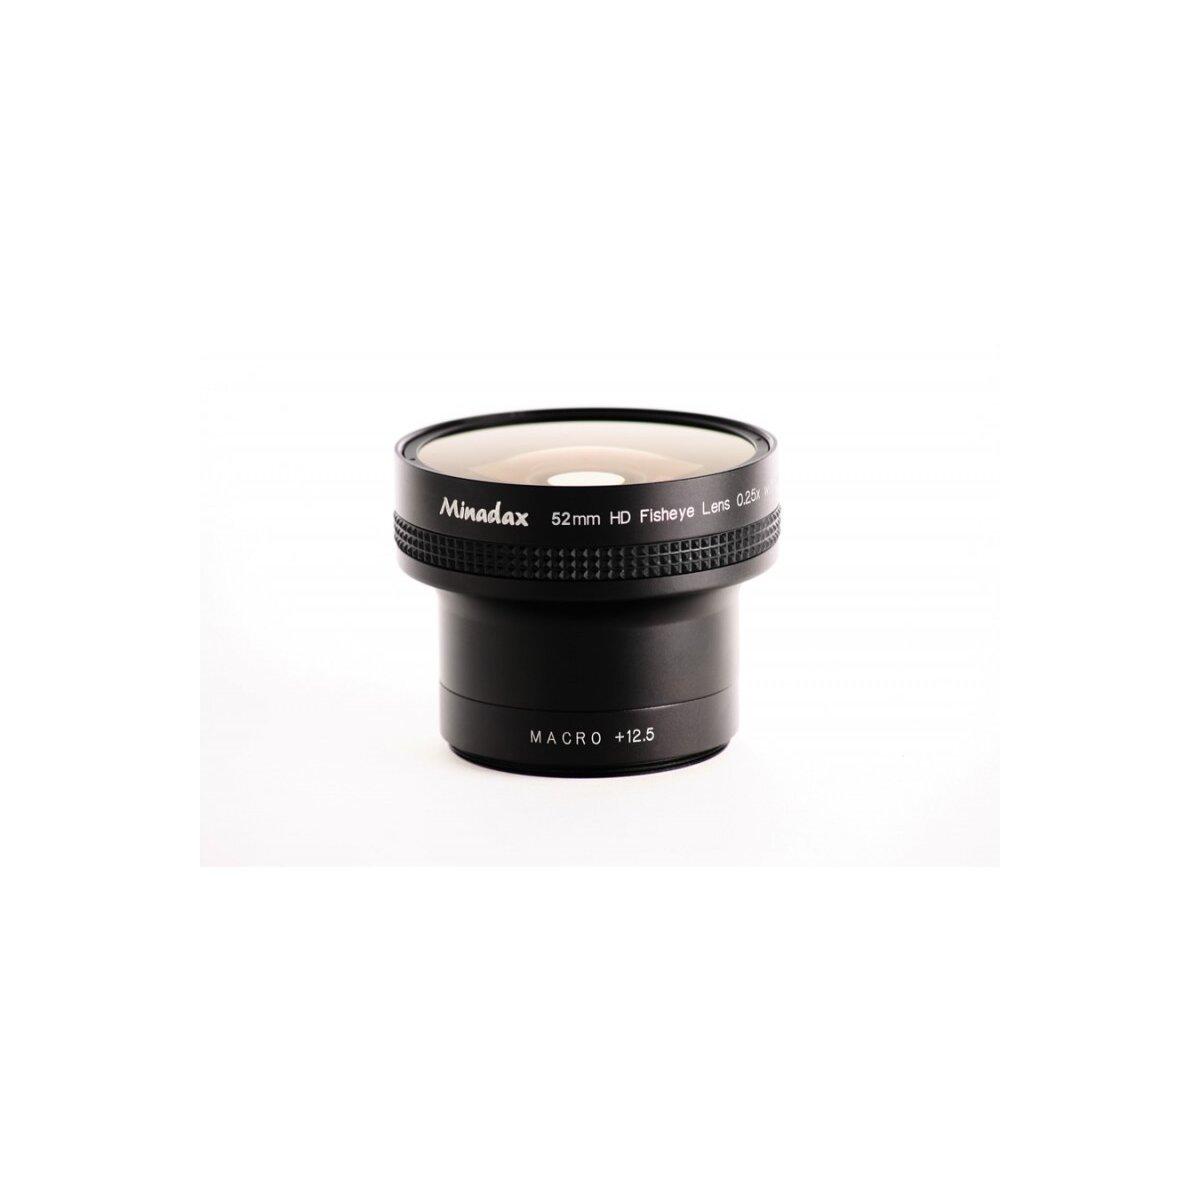 0.25x Minadax Fisheye Vorsatz Canon Powershot A570 IS, A590 IS - in schwarz